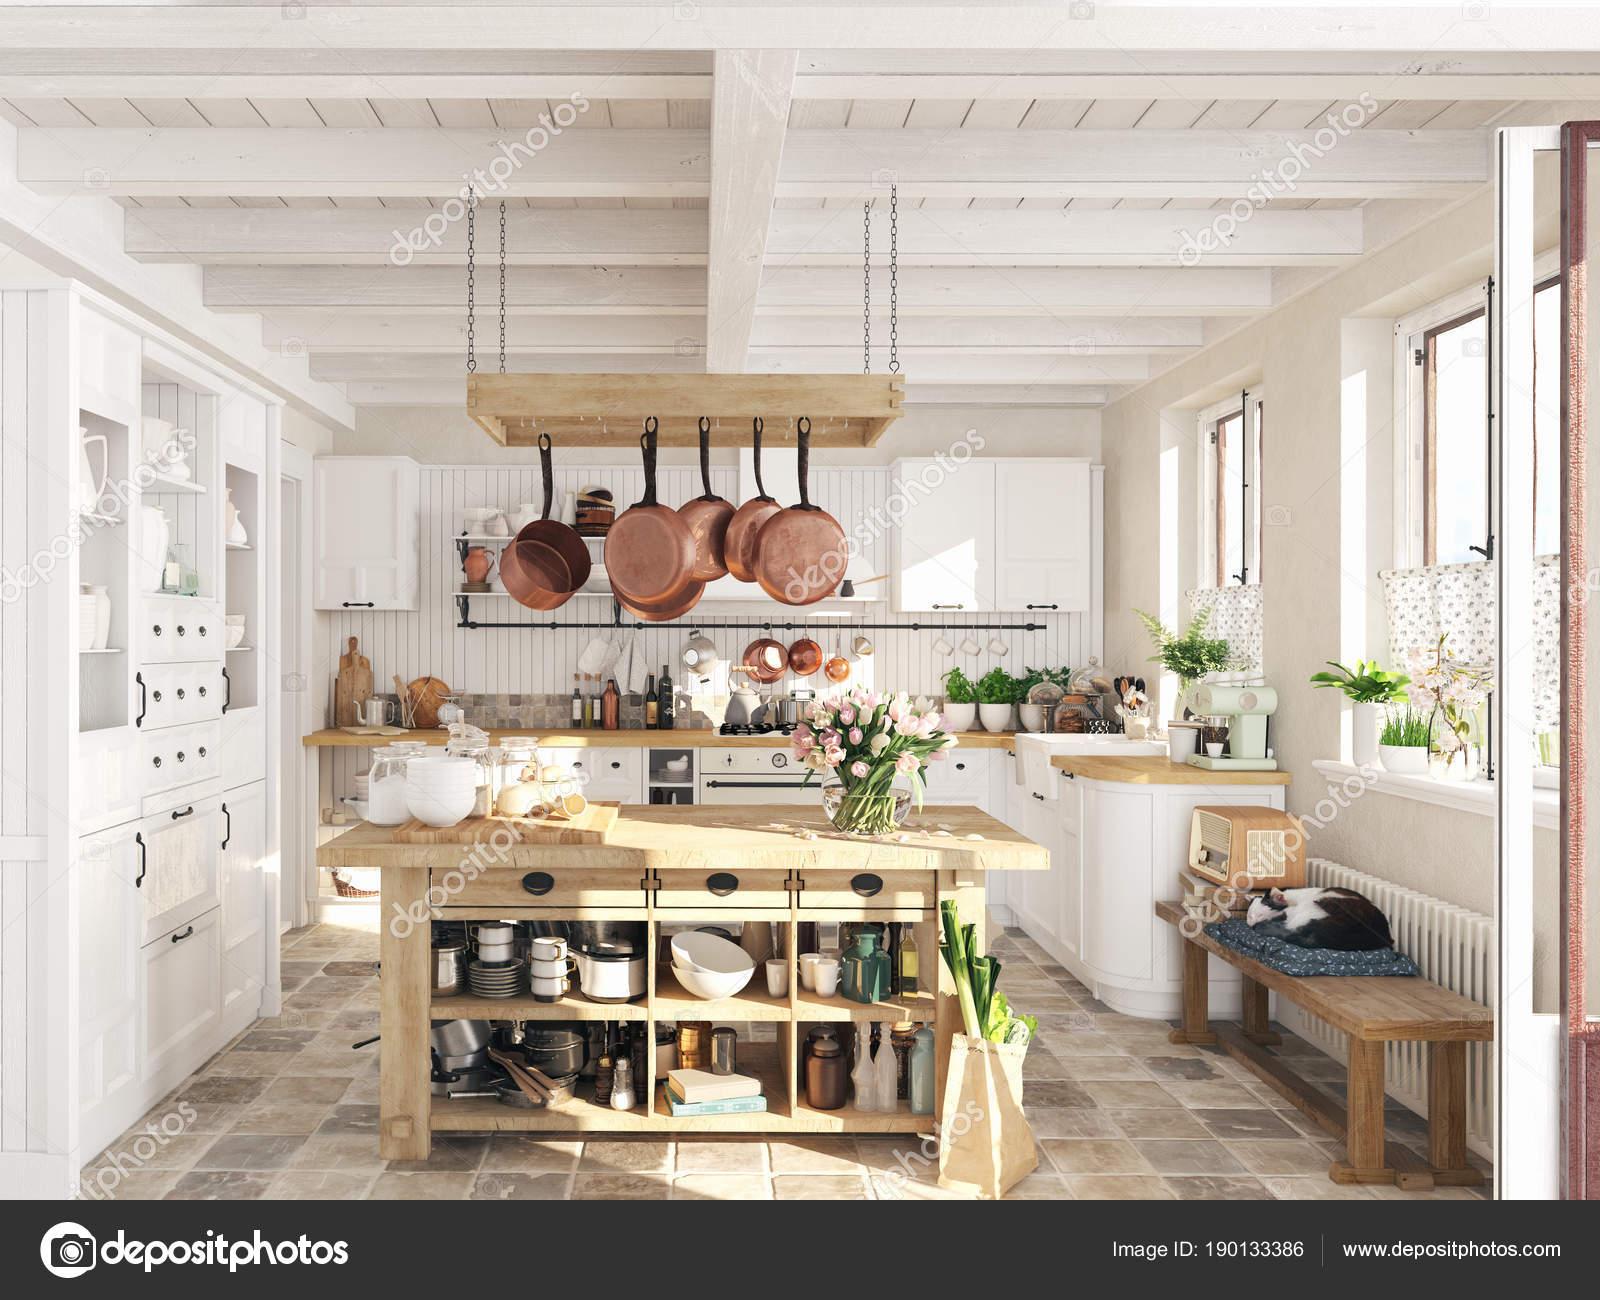 Faszinierend Retro Küche Sammlung Von Retro-küche In Einer Hütte Mit Schlafenden Katze